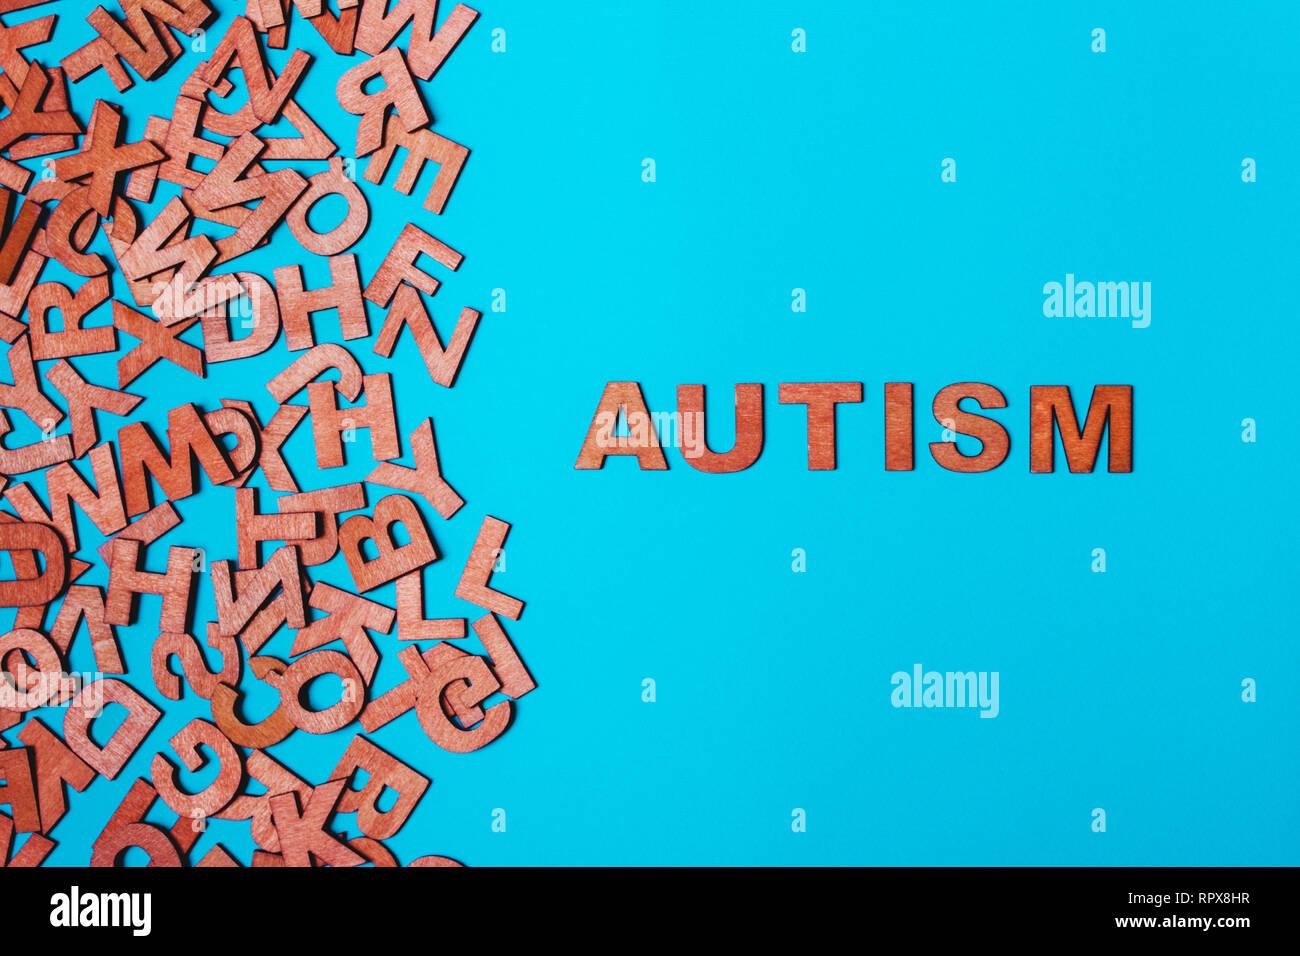 La parola autismo da lettere di legno su uno sfondo blu. Il problema è nella socializzazione, comunicazione Immagini Stock